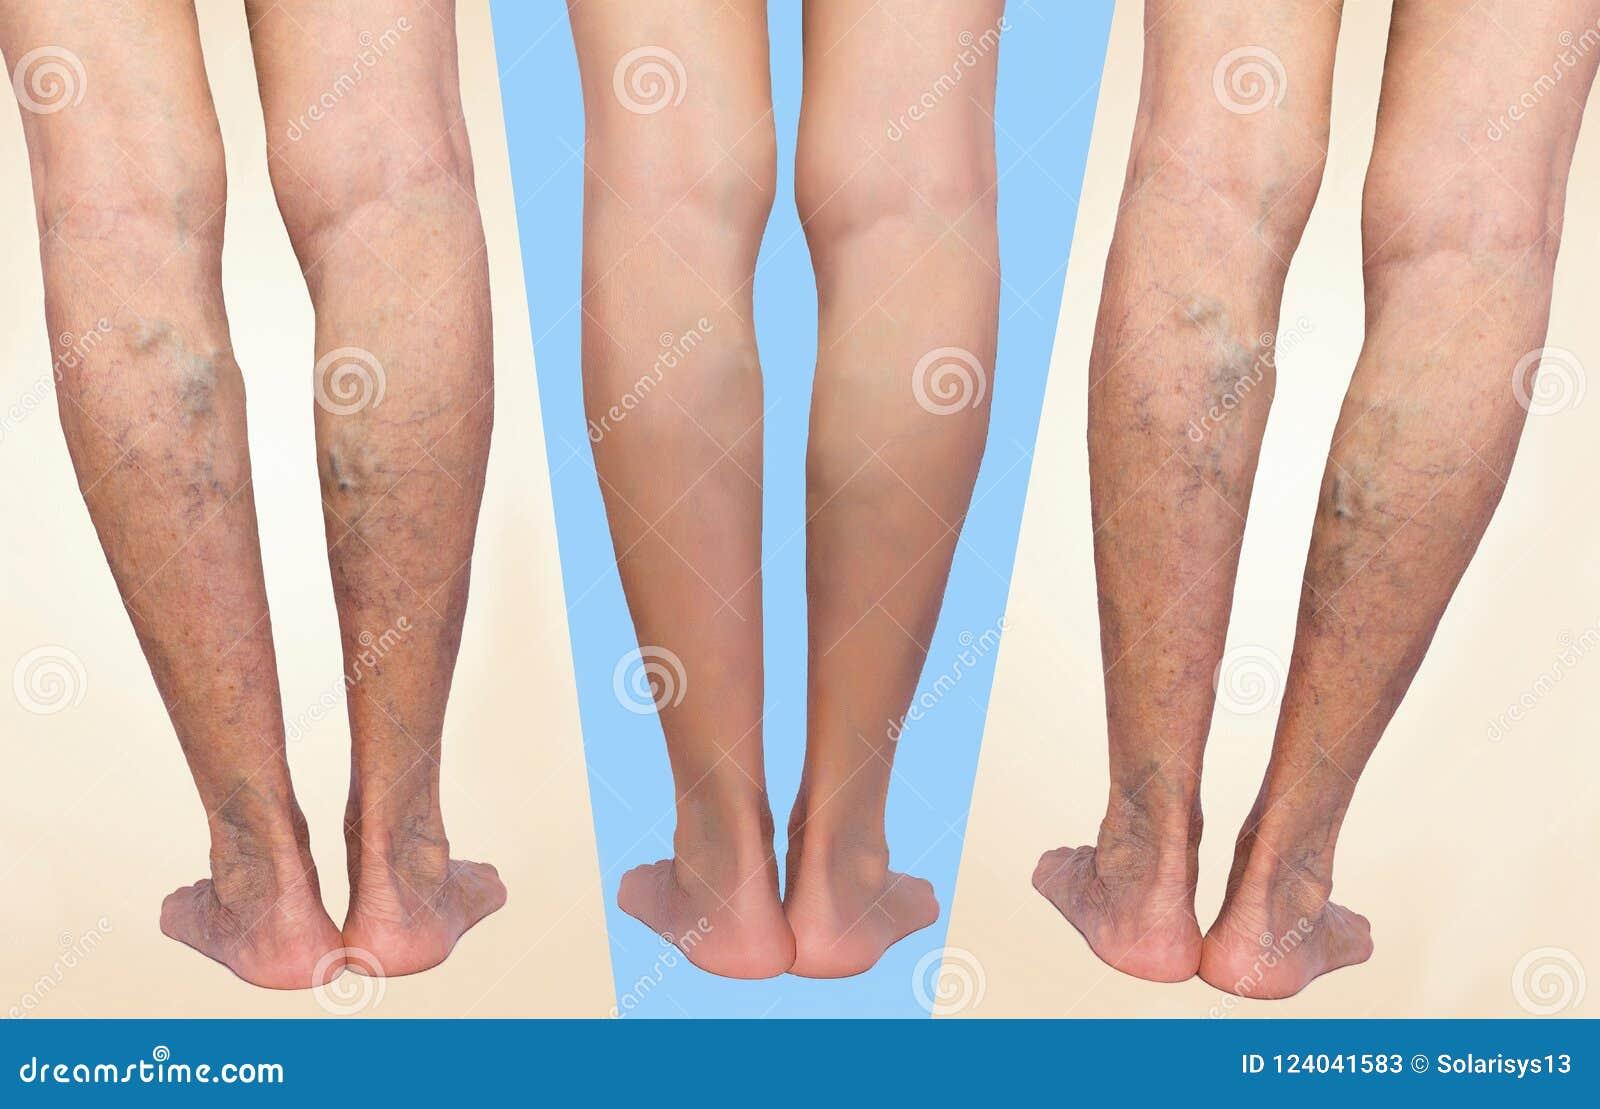 Behandling av åderbråcks före och efter Åderbråcks åder på benen